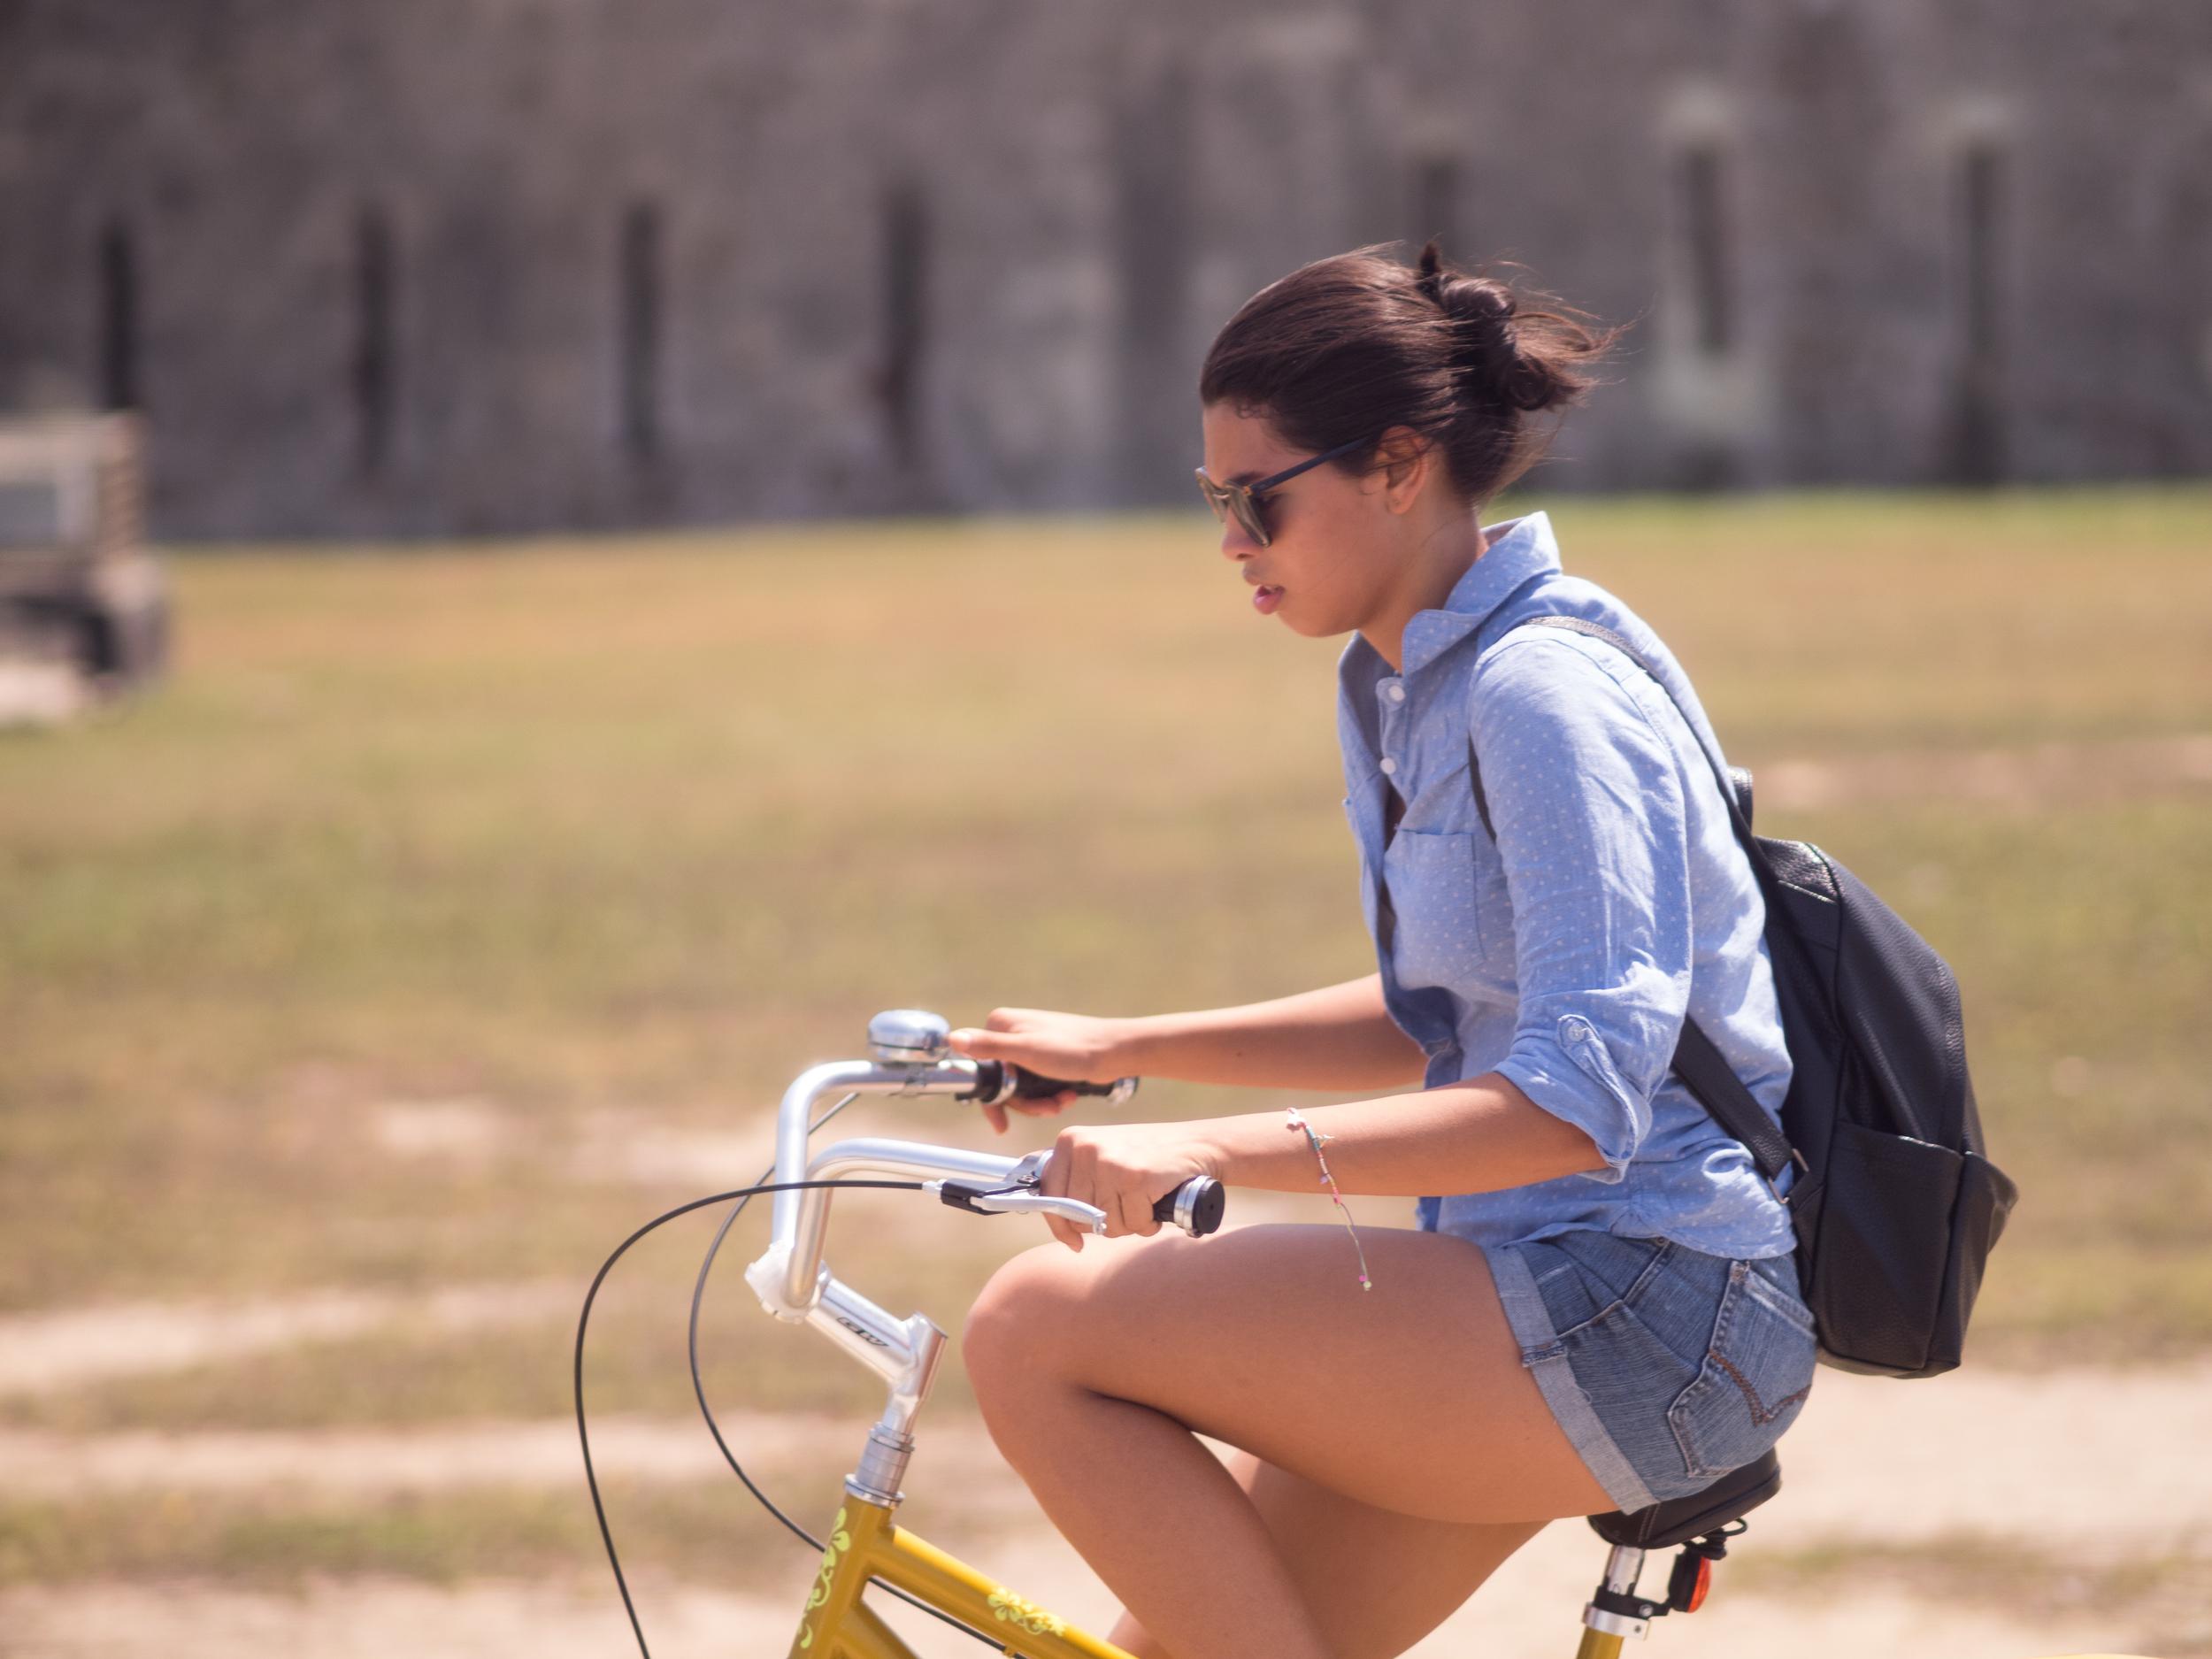 Colombian Biking